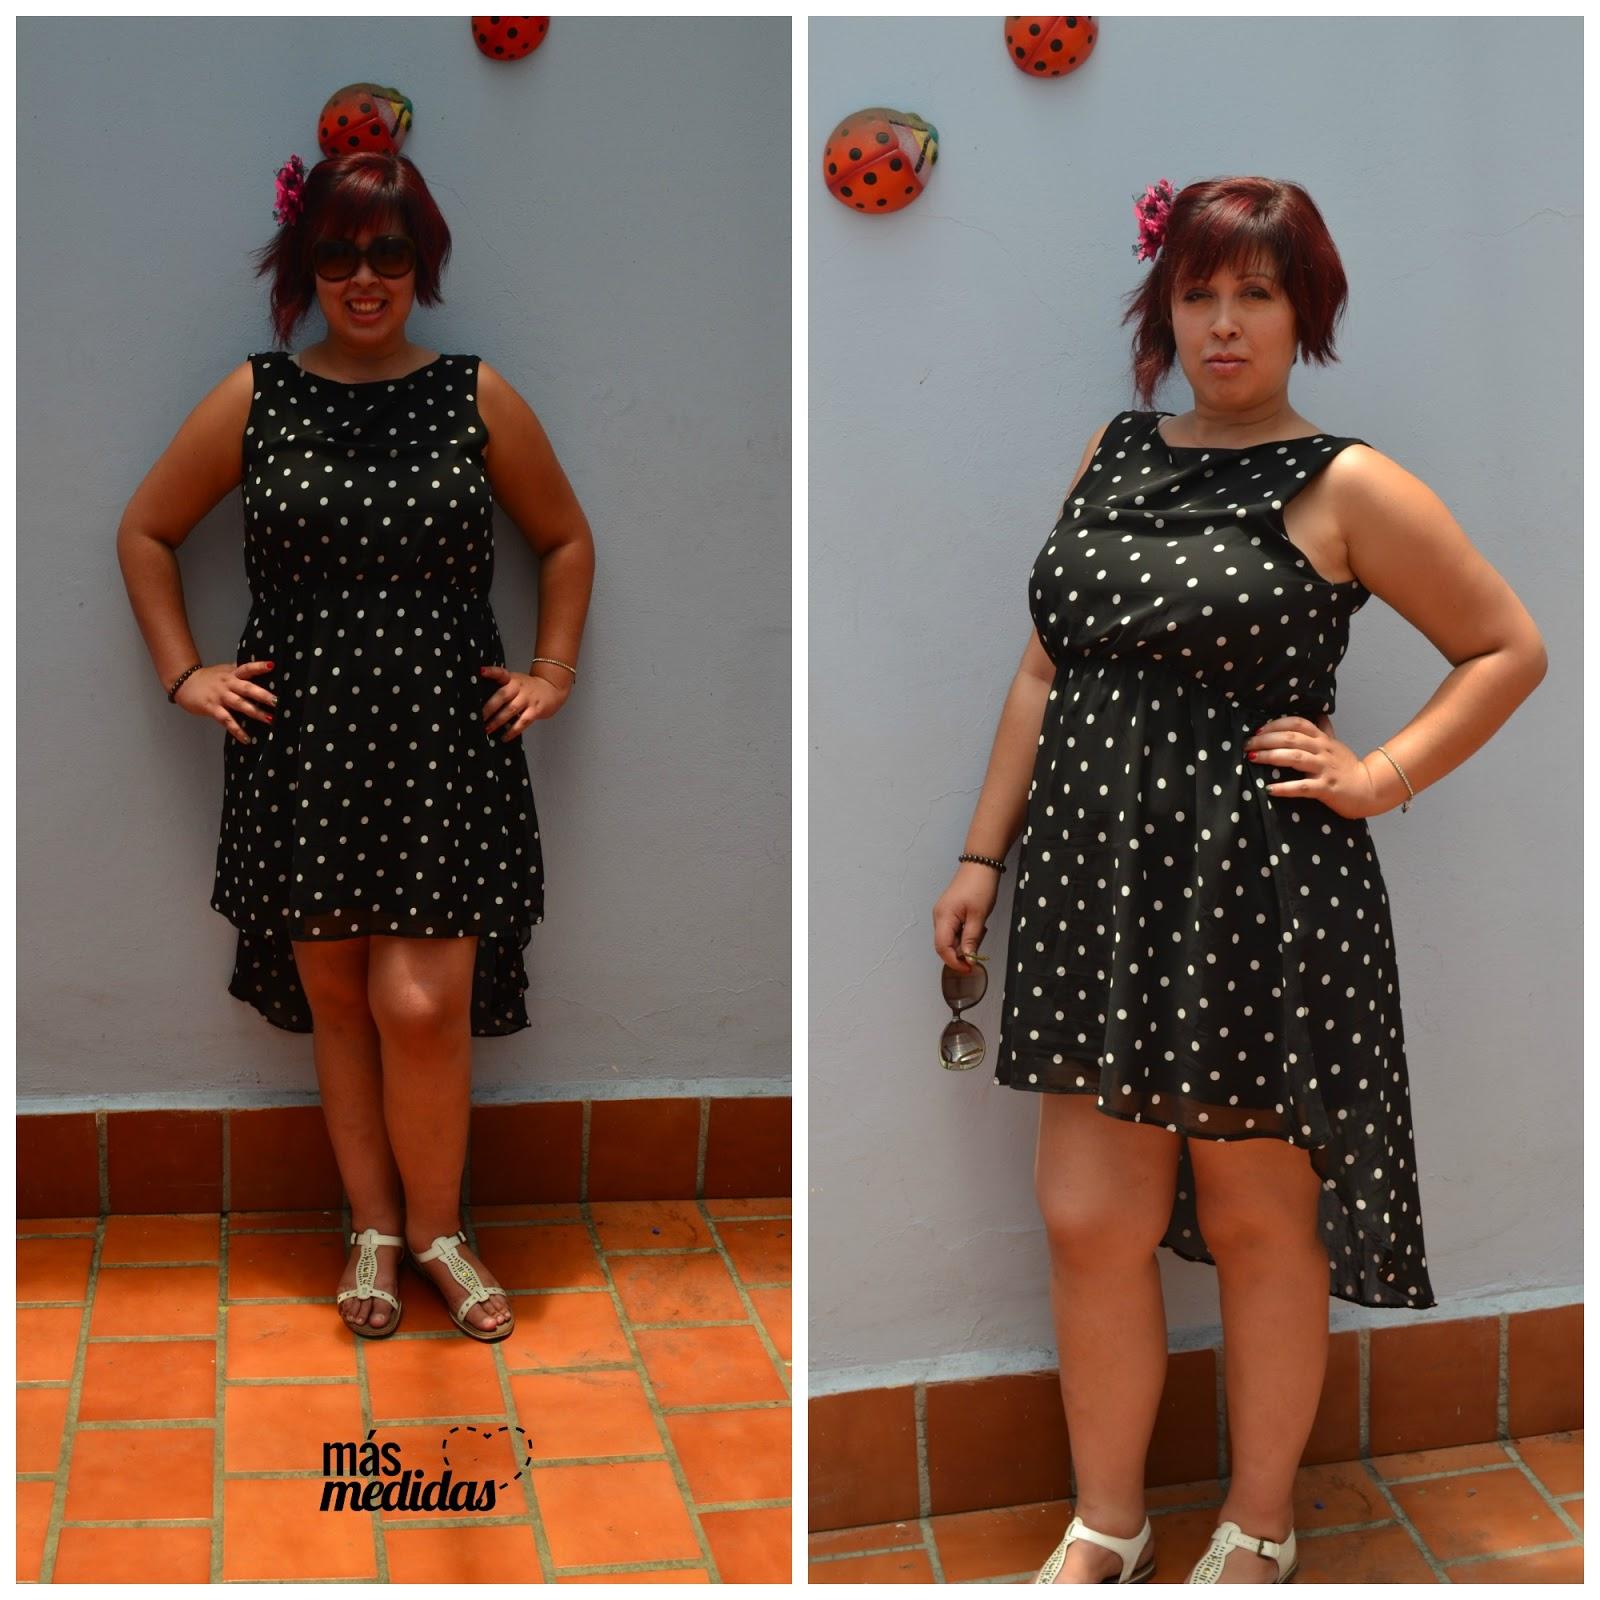 d0d36589159 Vestidos para gorditas vestidos de dama de honor caros jpg 1600x1600  Vestidos accesorios para gorditas